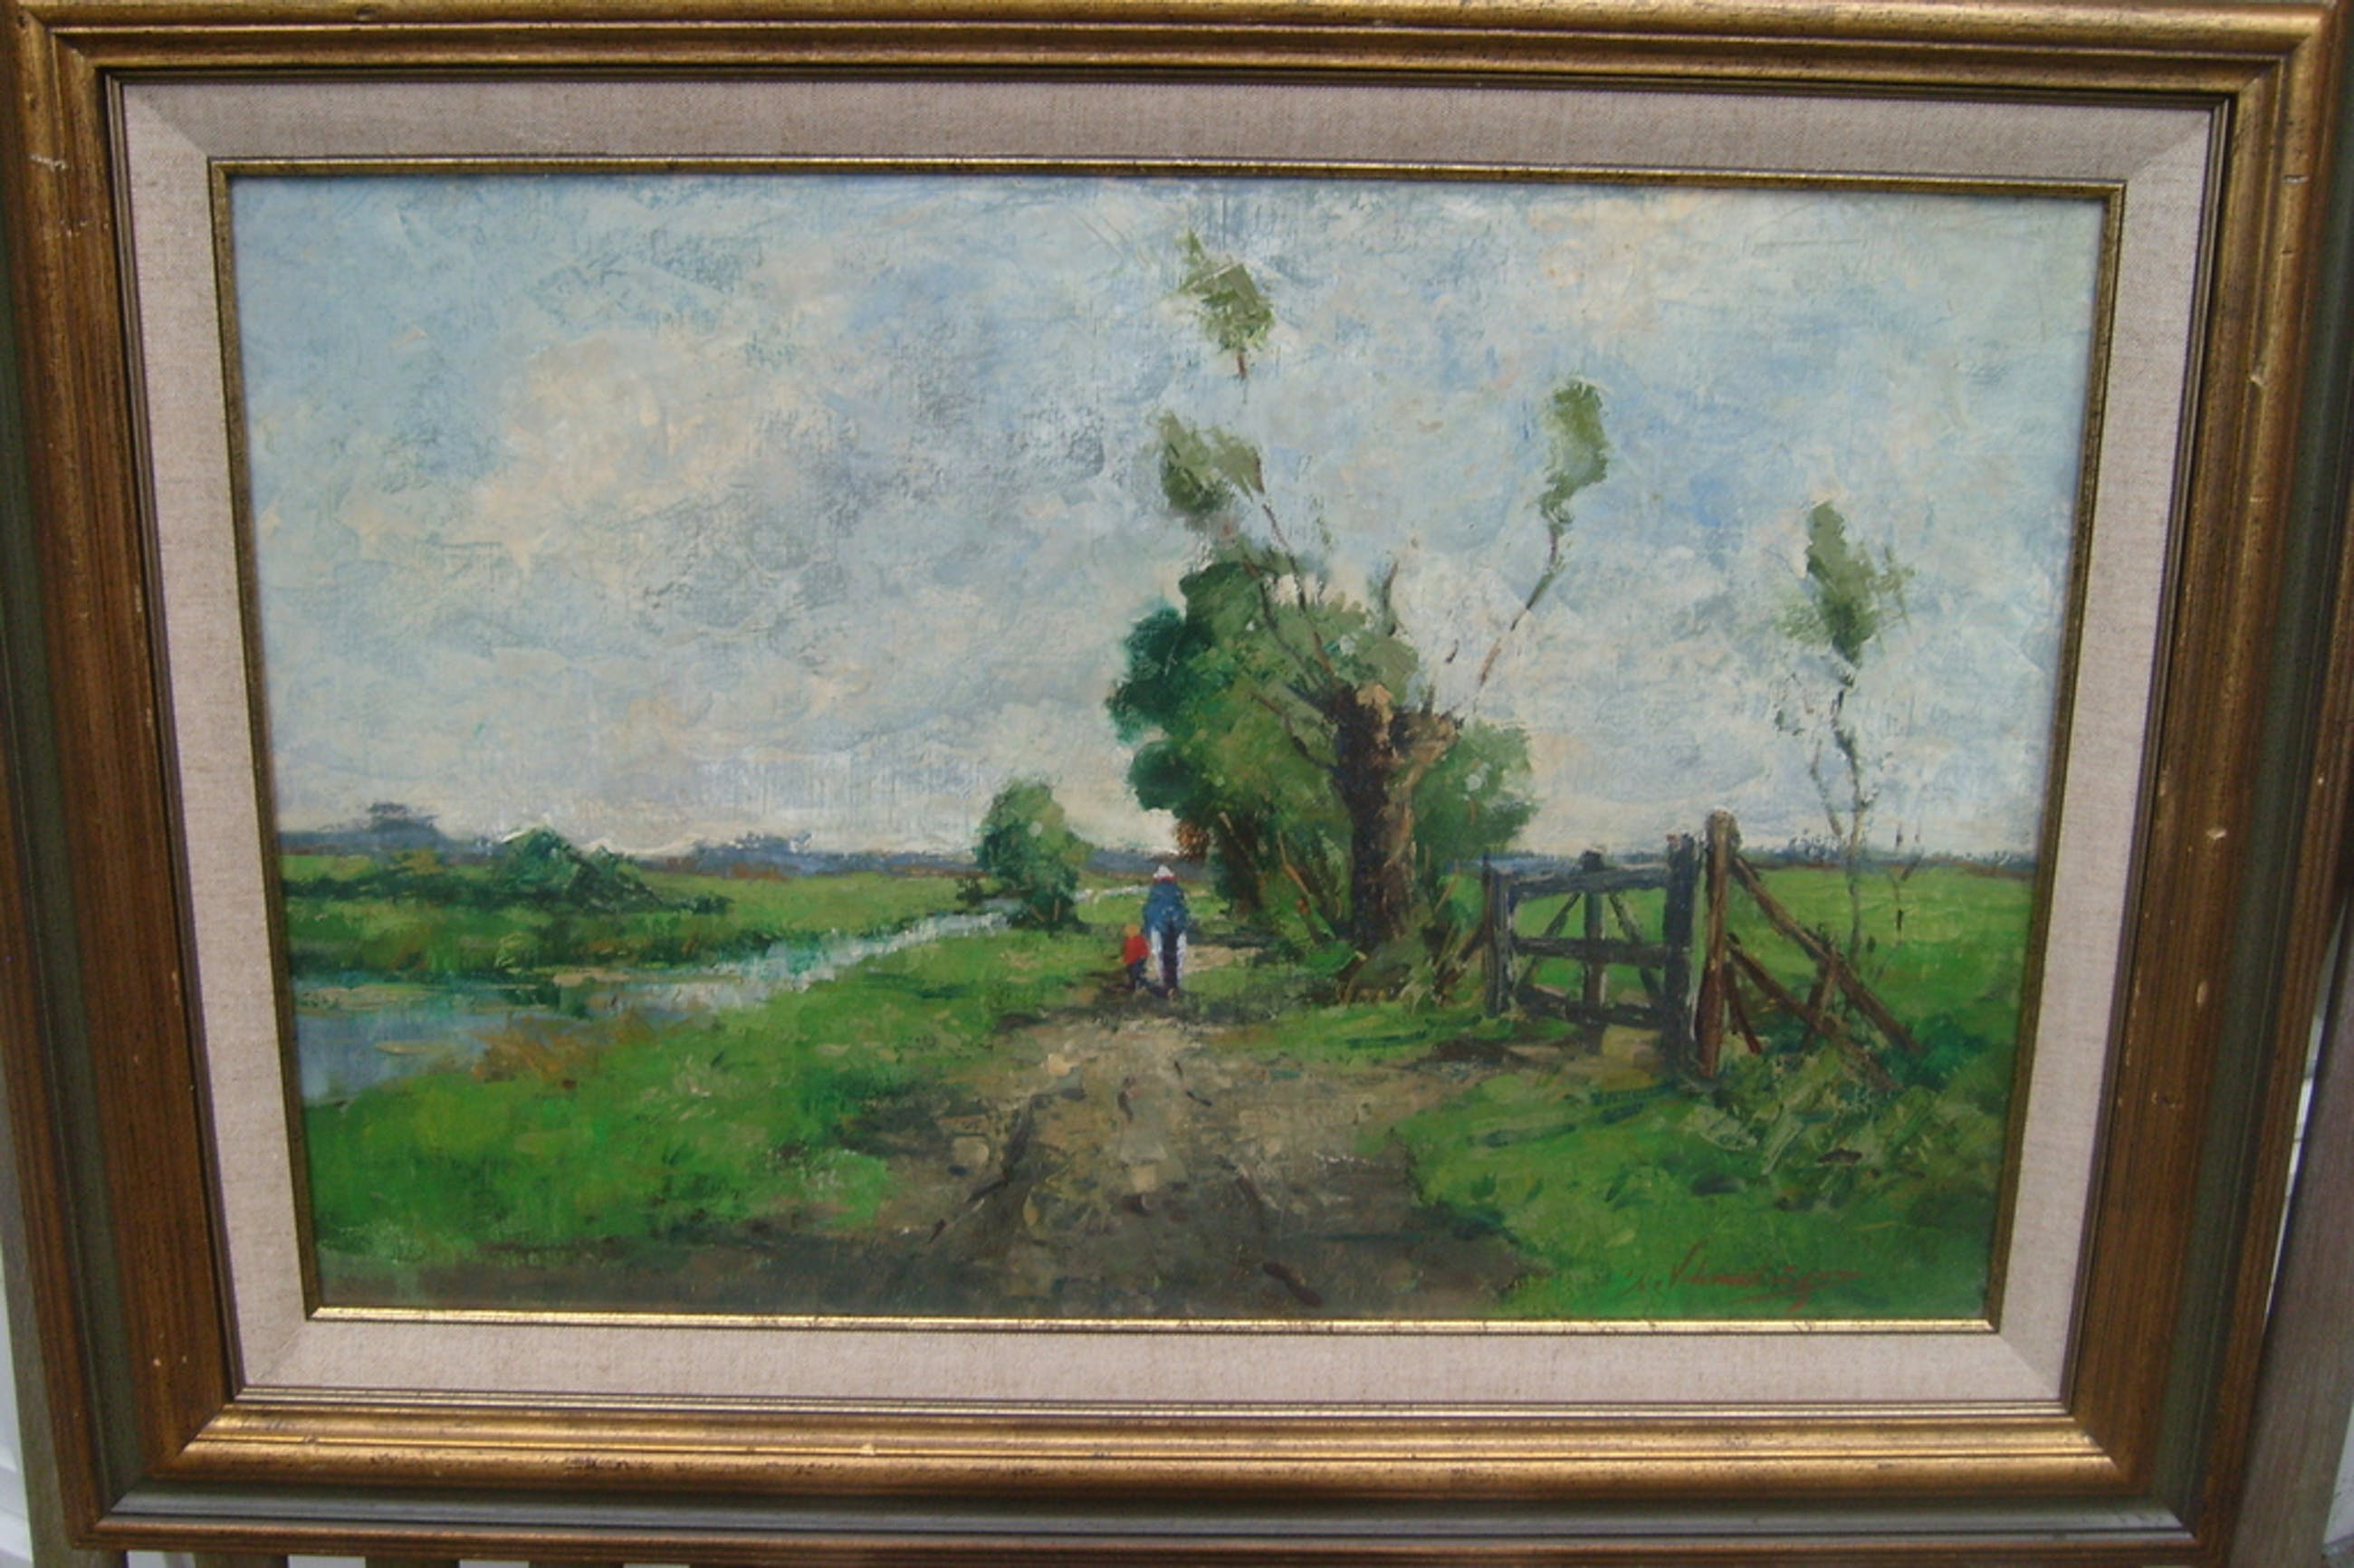 Clement van Vlaardingen, landschap, olieverf op linnen, r.o. gesigneerd kopen? Bied vanaf 75!